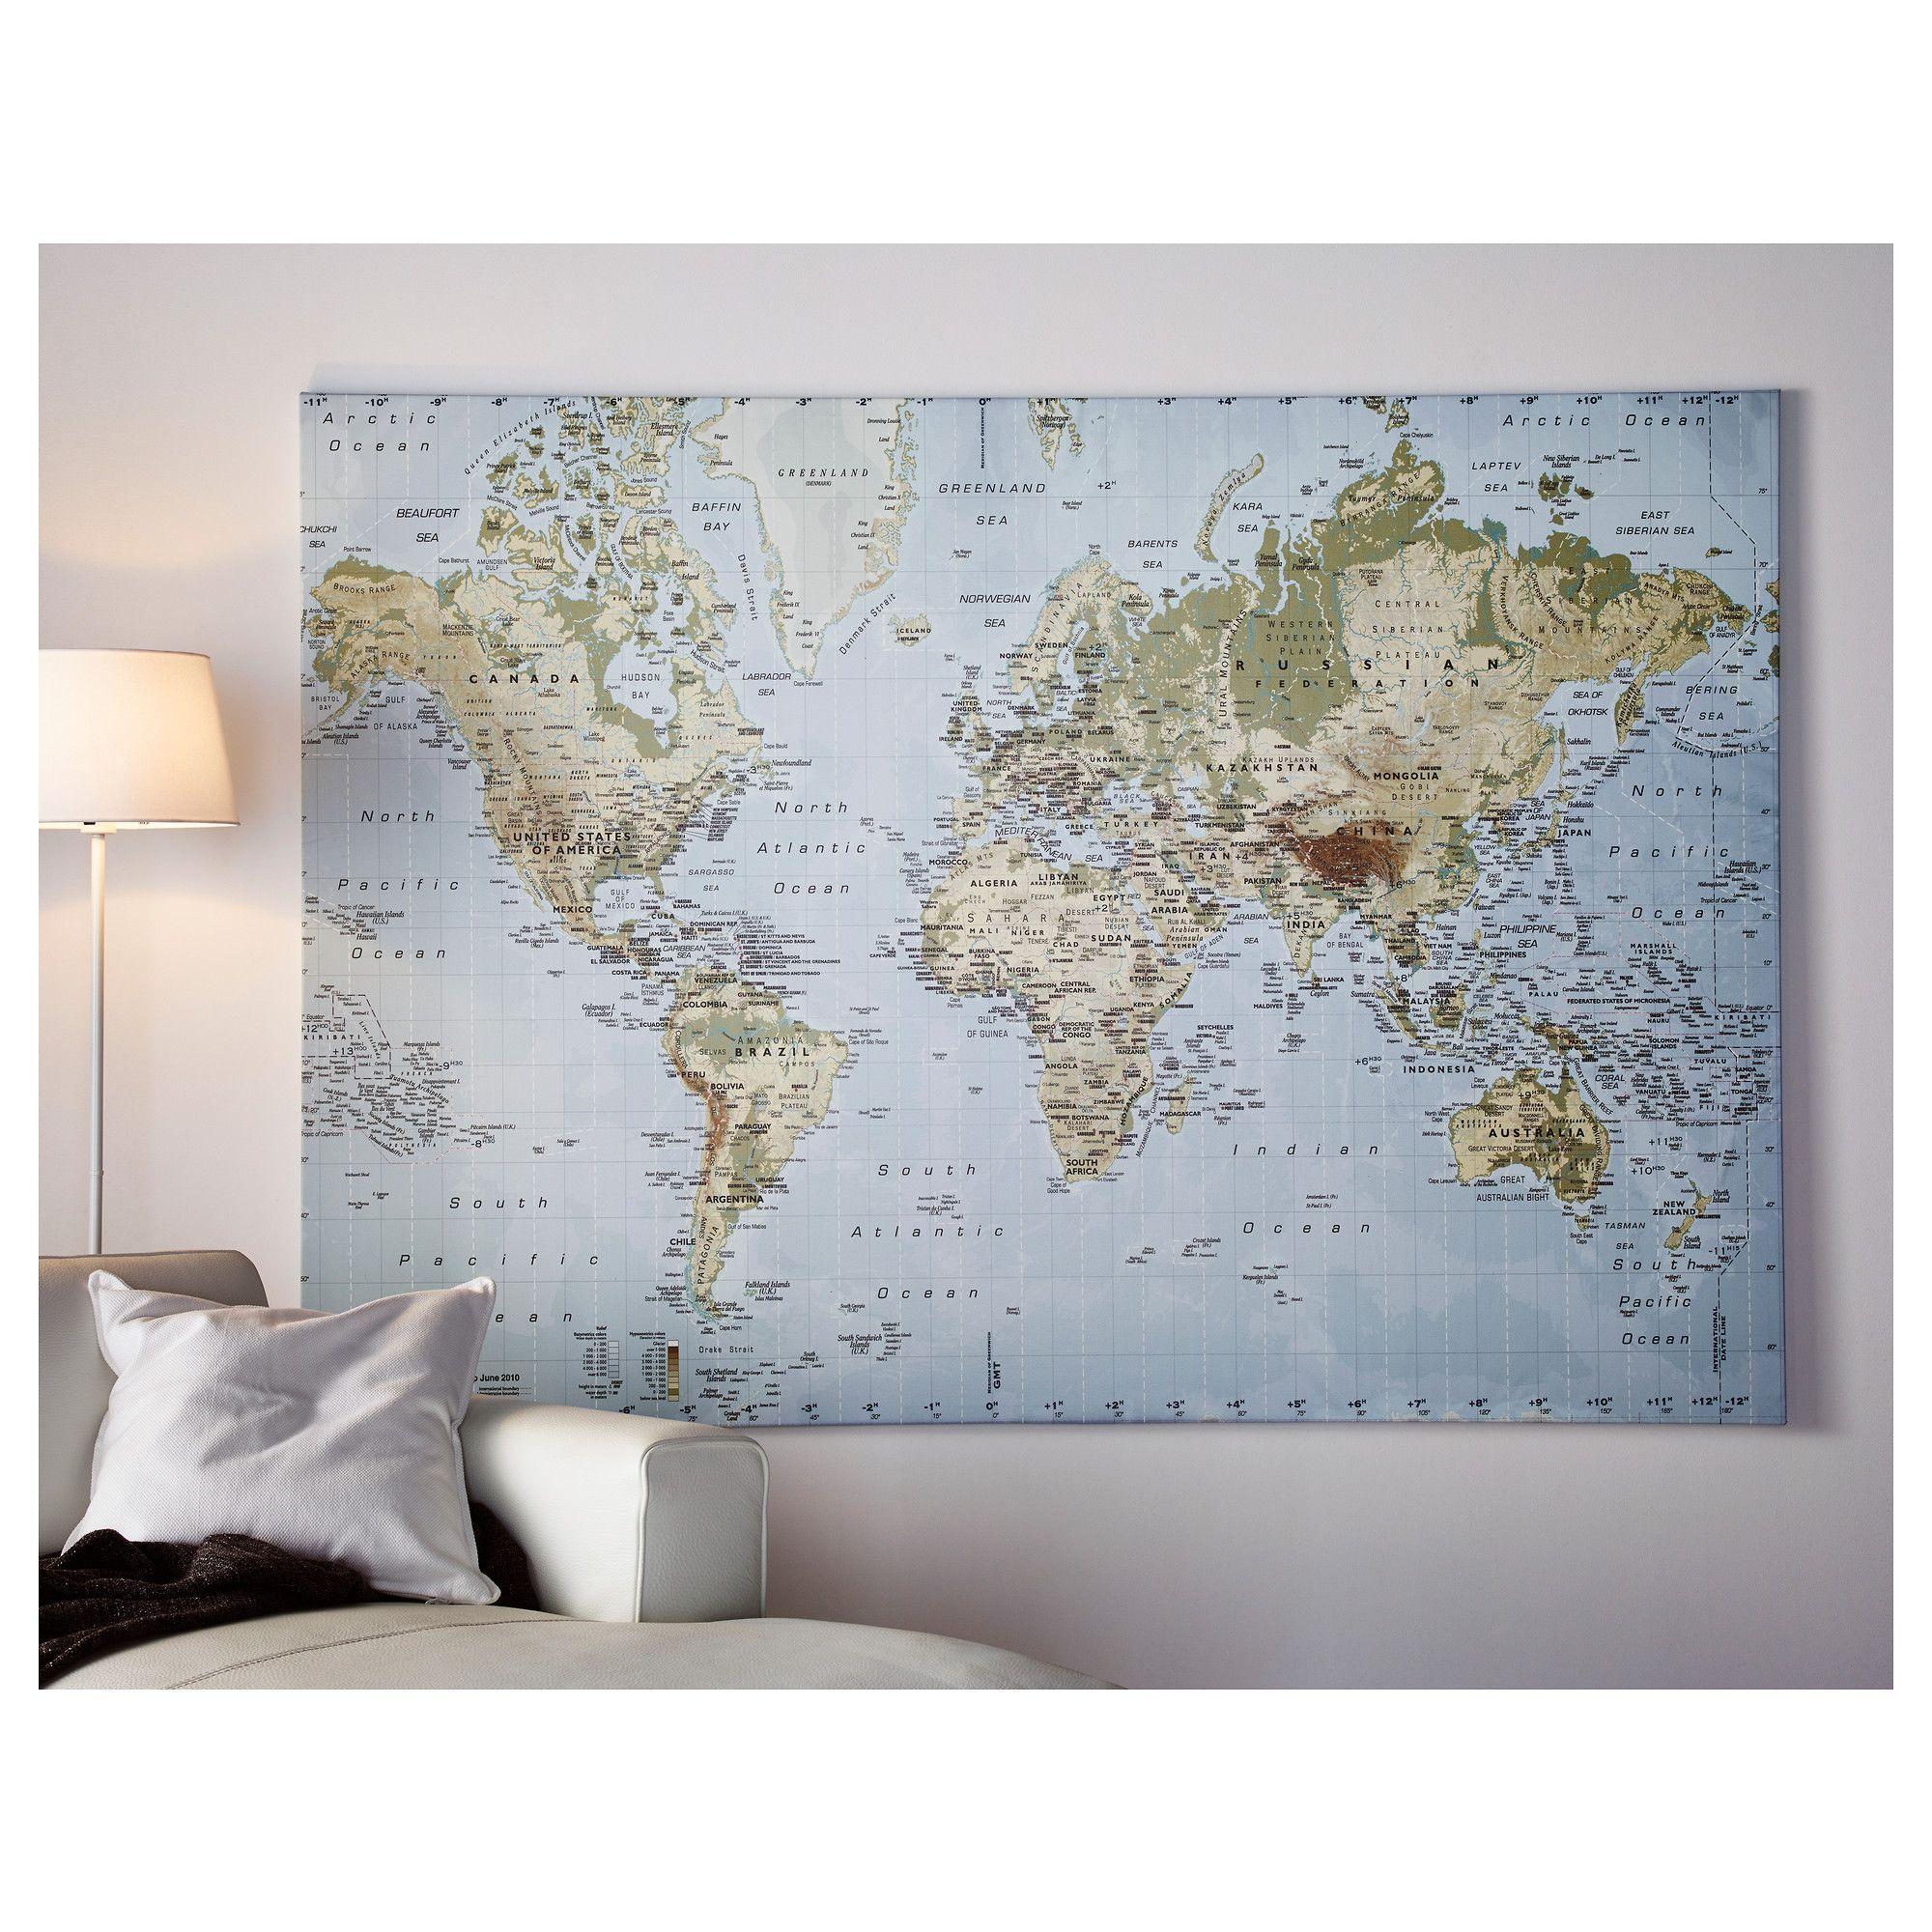 ikea wereldkaart google zoeken home living pinterest bedrooms walls and room. Black Bedroom Furniture Sets. Home Design Ideas